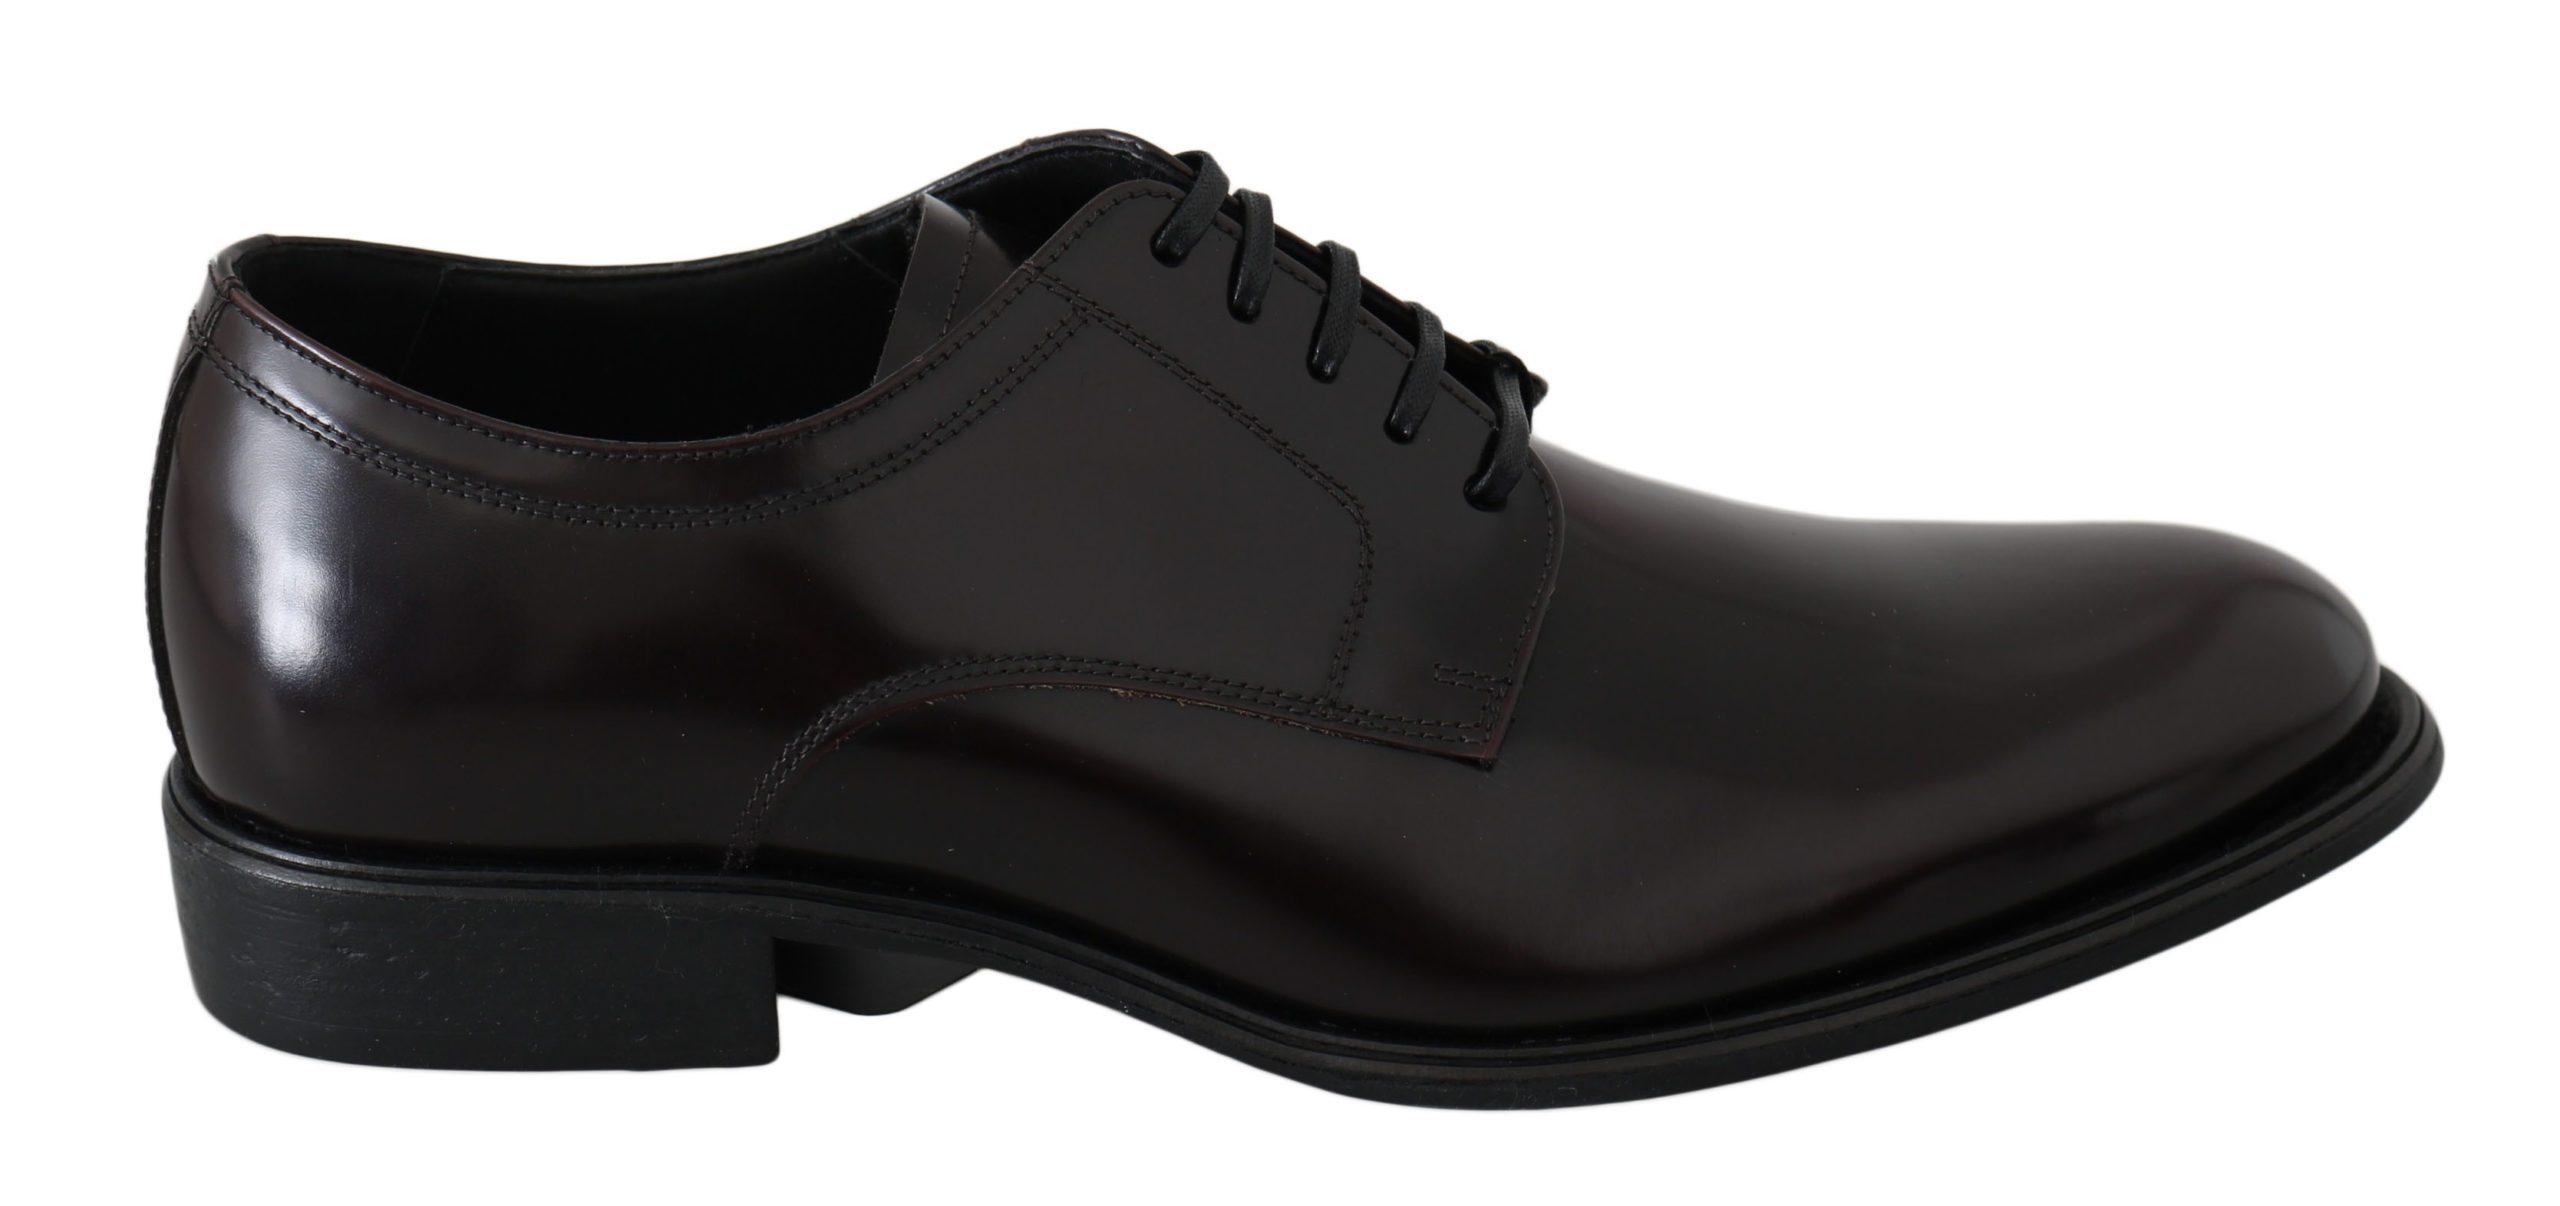 Dolce & Gabbana Men's Shoes Bordeaux MV2490 - EU39/US6